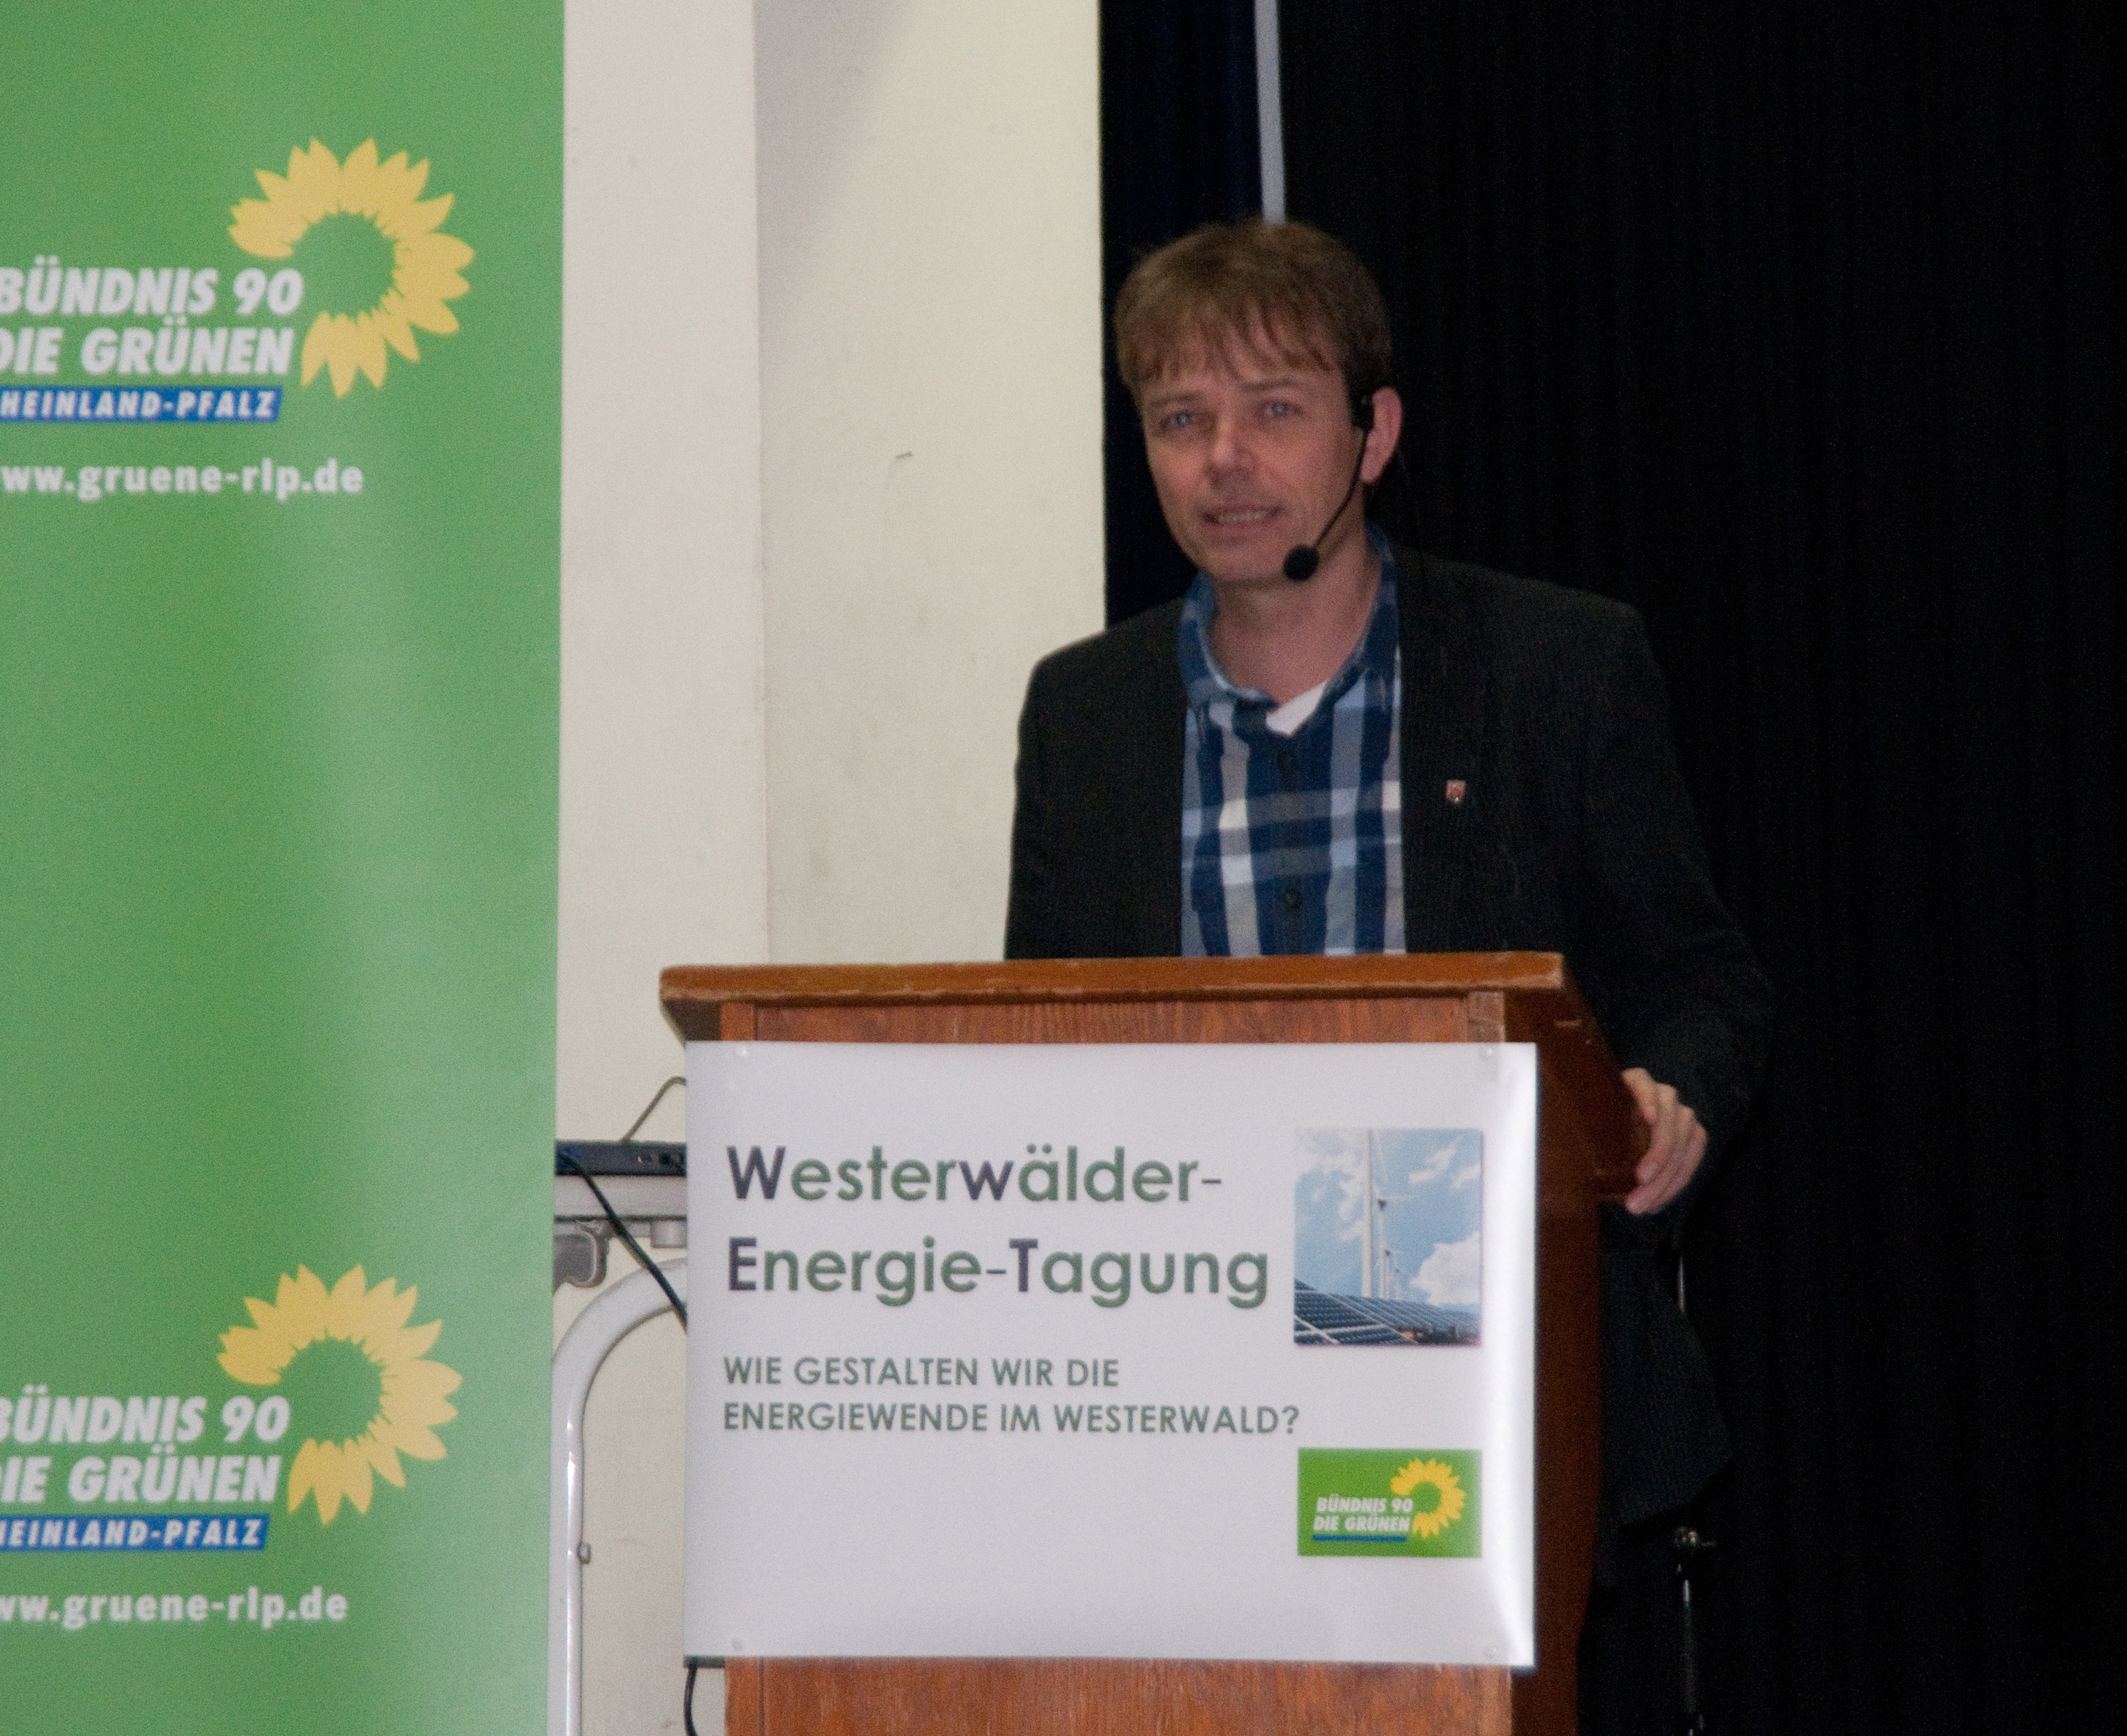 Andreas Hartenfels, MdL, energiepolitischer Sprecher Bündnis90/DIEGRÜNEN, geht auf Details des Landesentwicklungsplans ein und gibt Einblicke in den in Wind-Erlass der Landesregierung, der im April veröffentlicht wird.